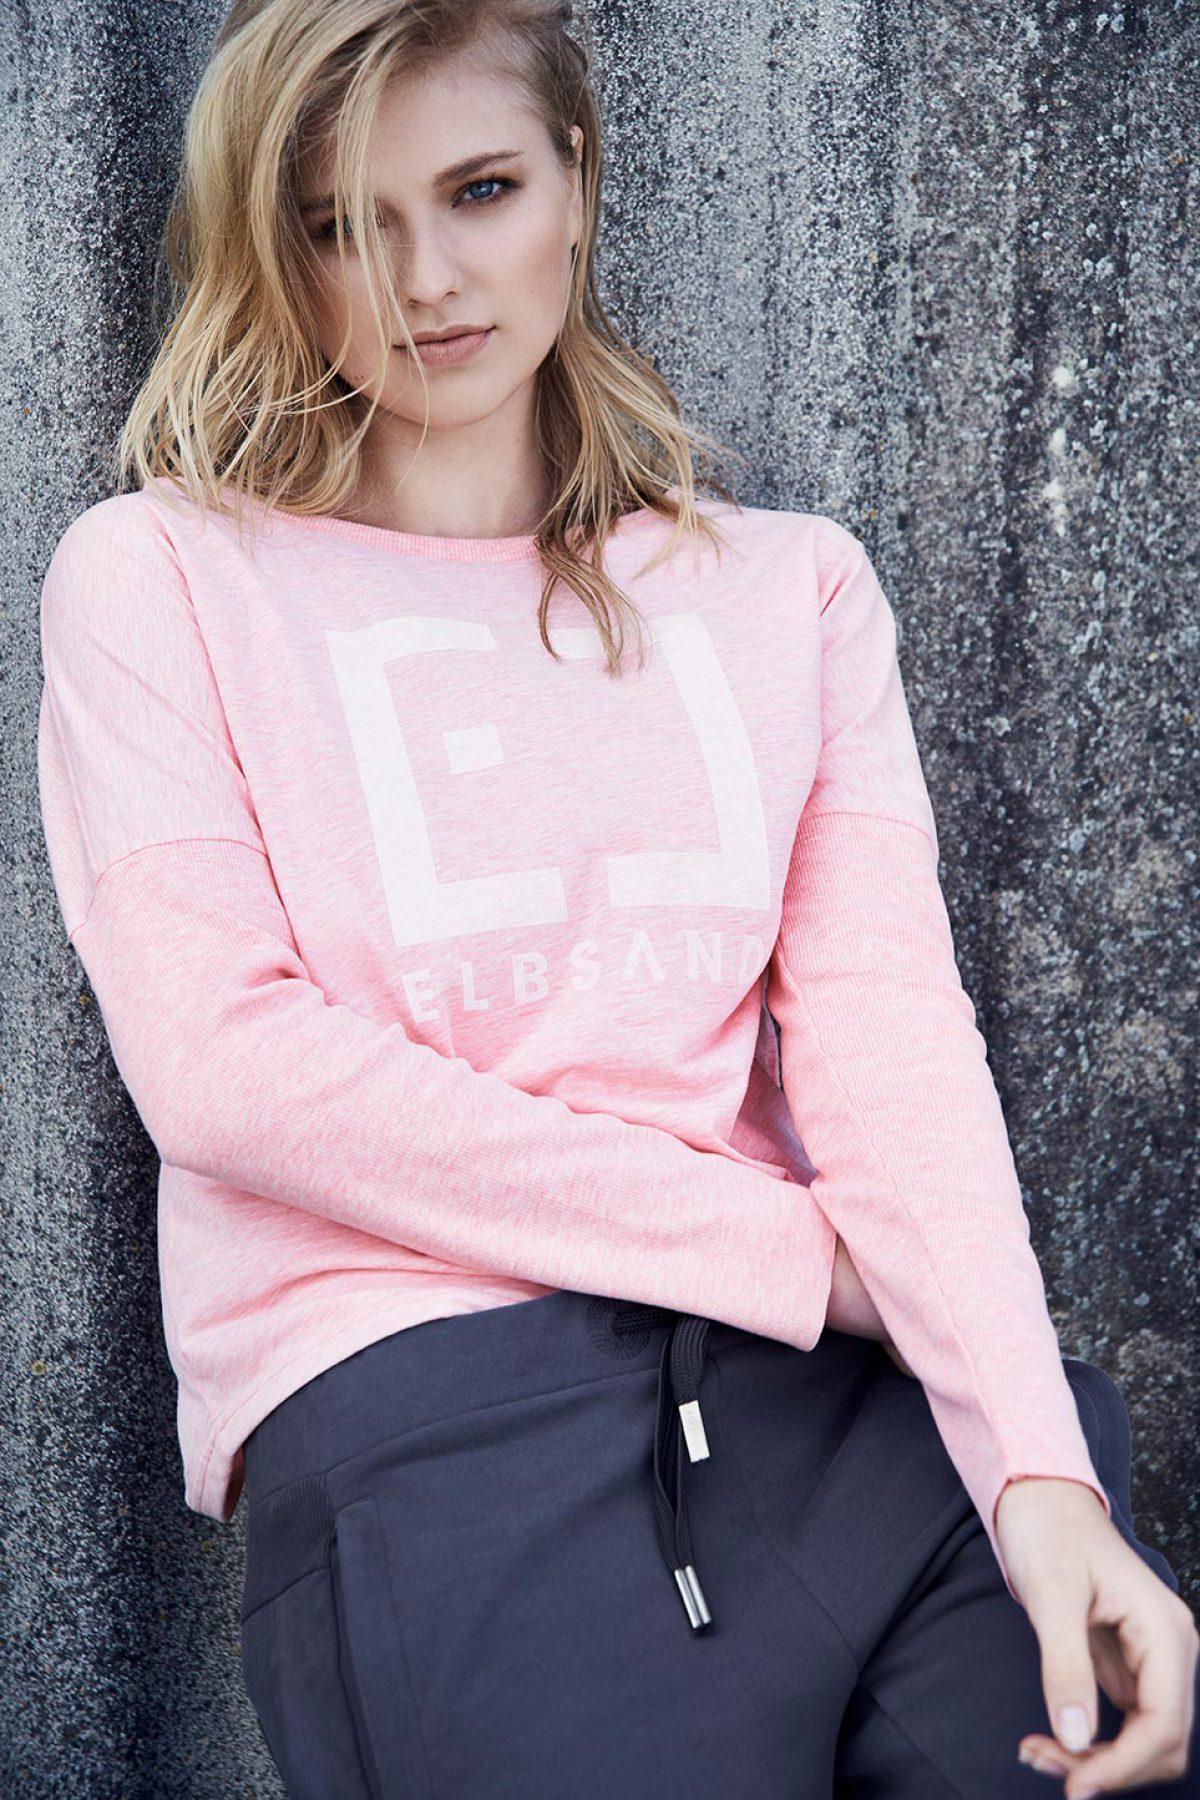 Elbsand INGRA – langarm T-Shirt in lachs mit großem tonalen Logoprint. Kastiger, legerer Schnitt, angenehm weiche Baumwollmischung.